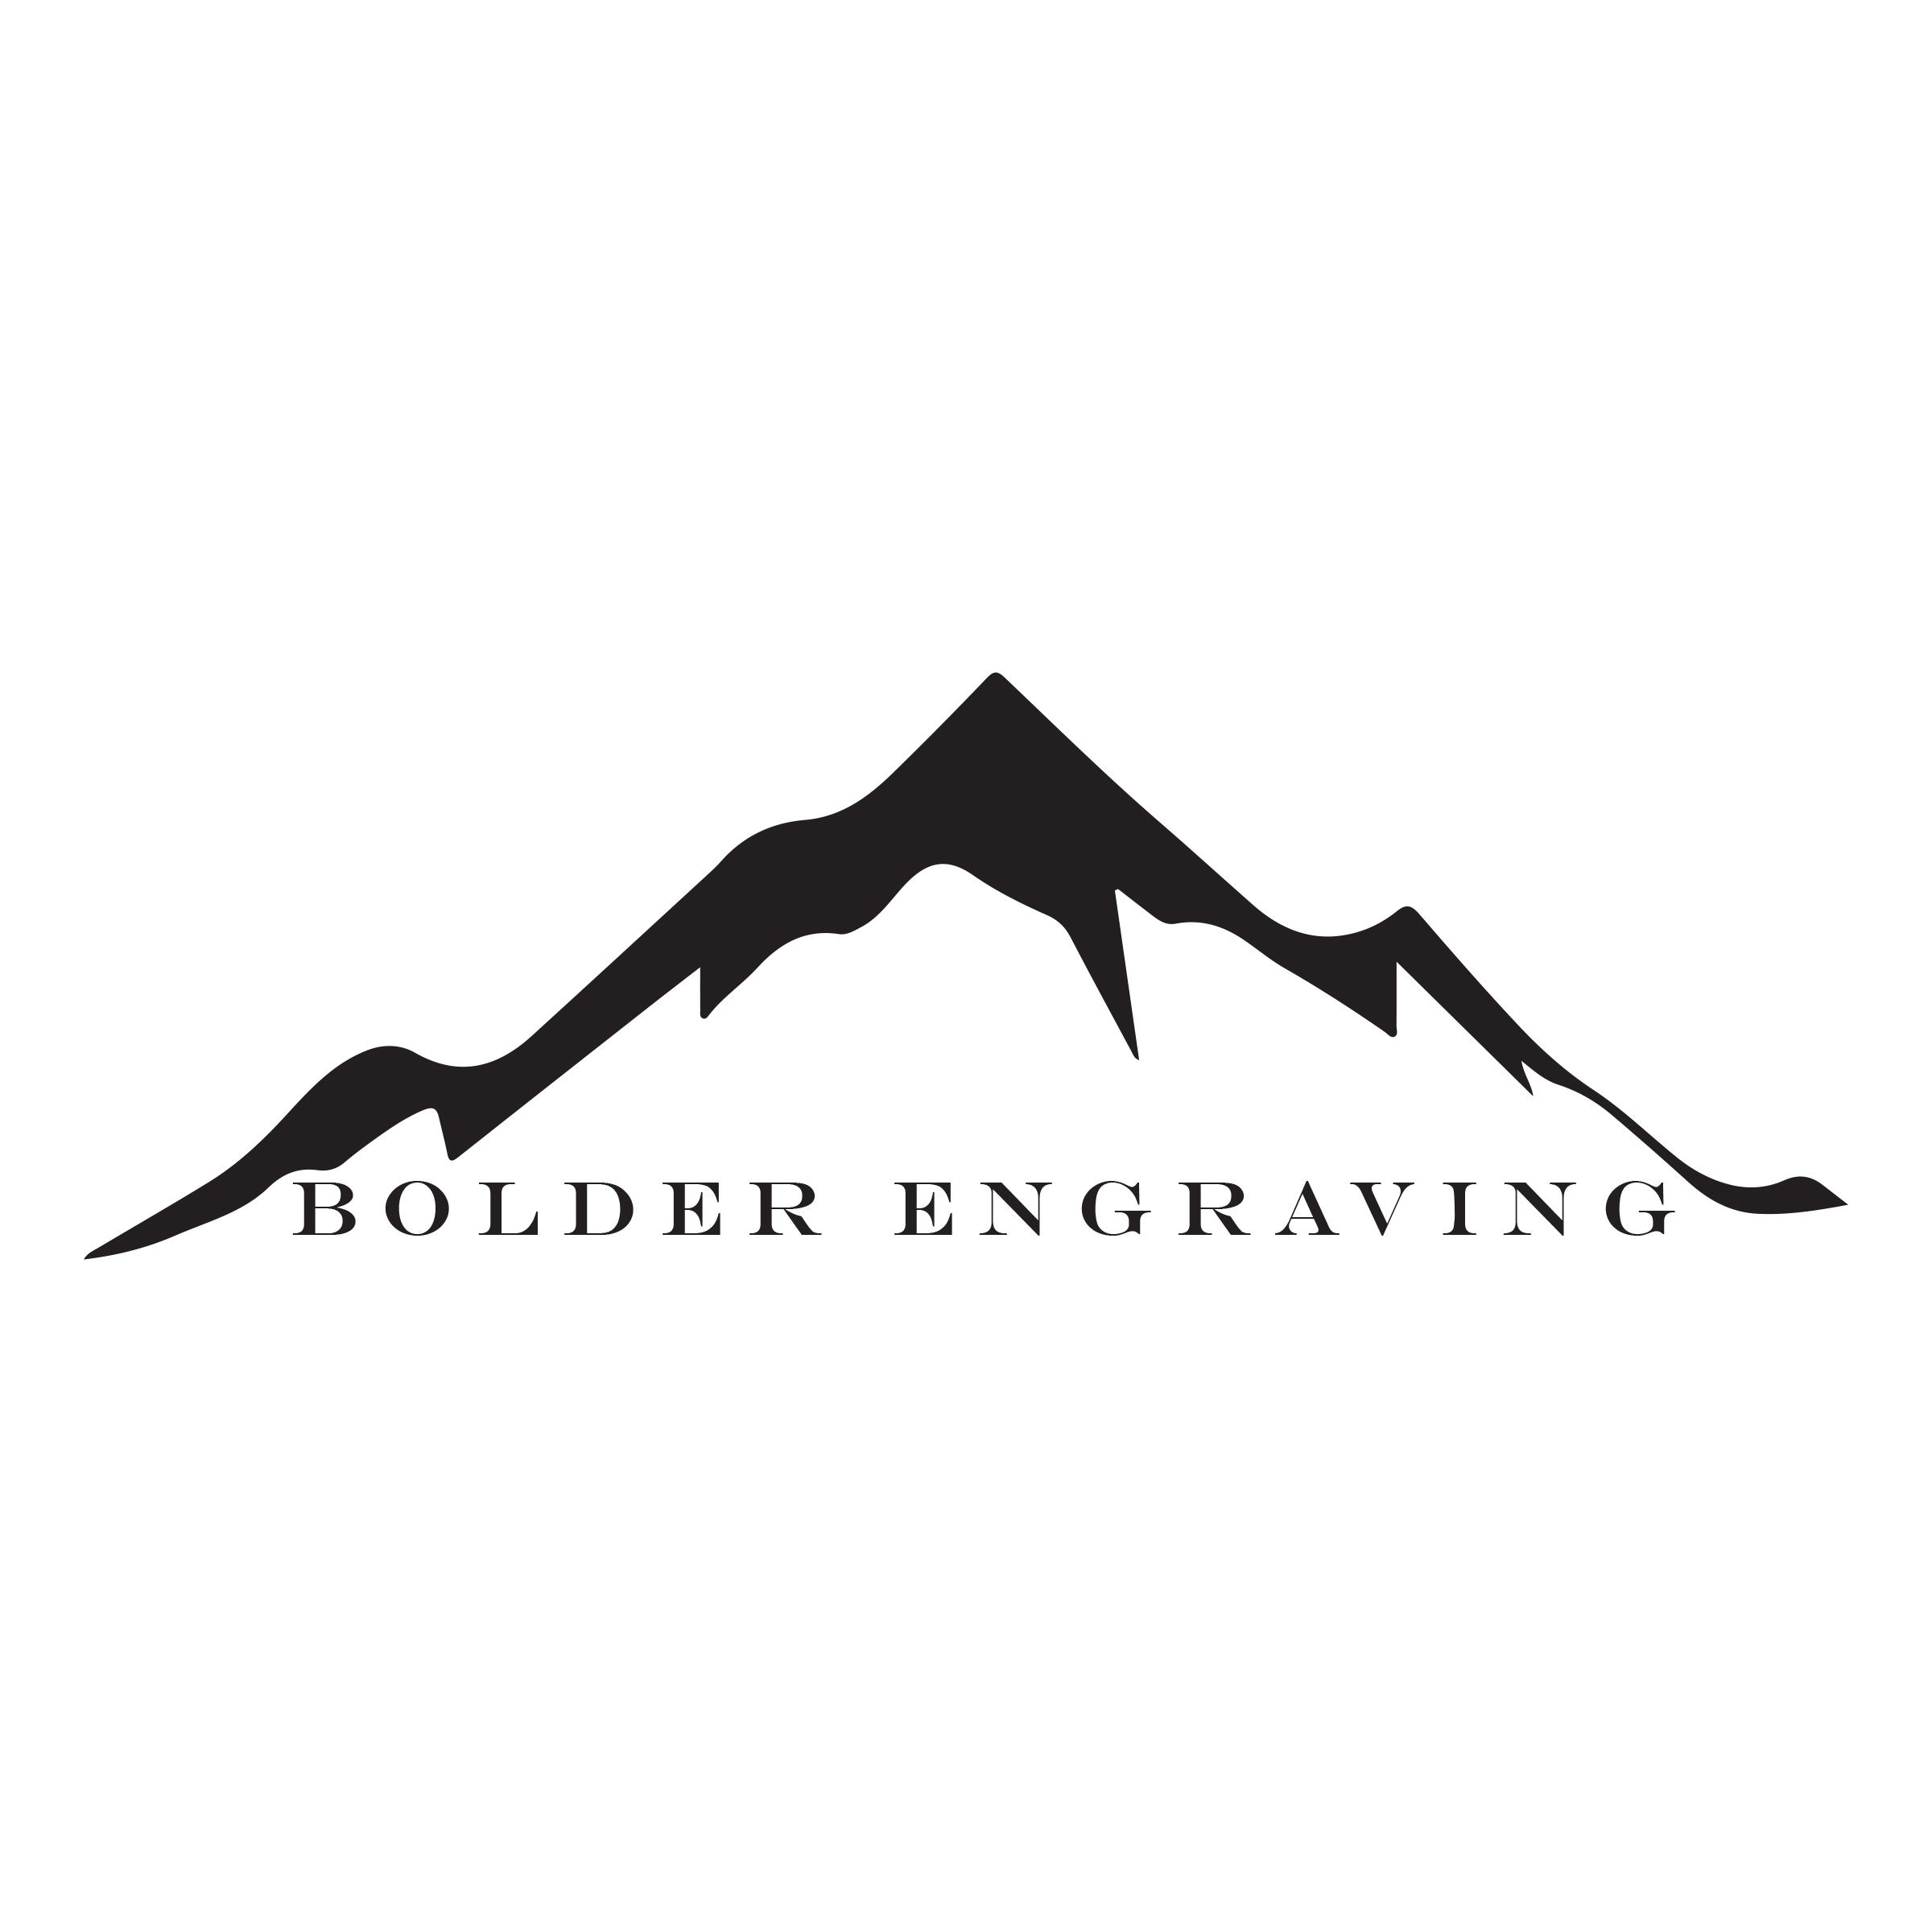 Bolder Engraving